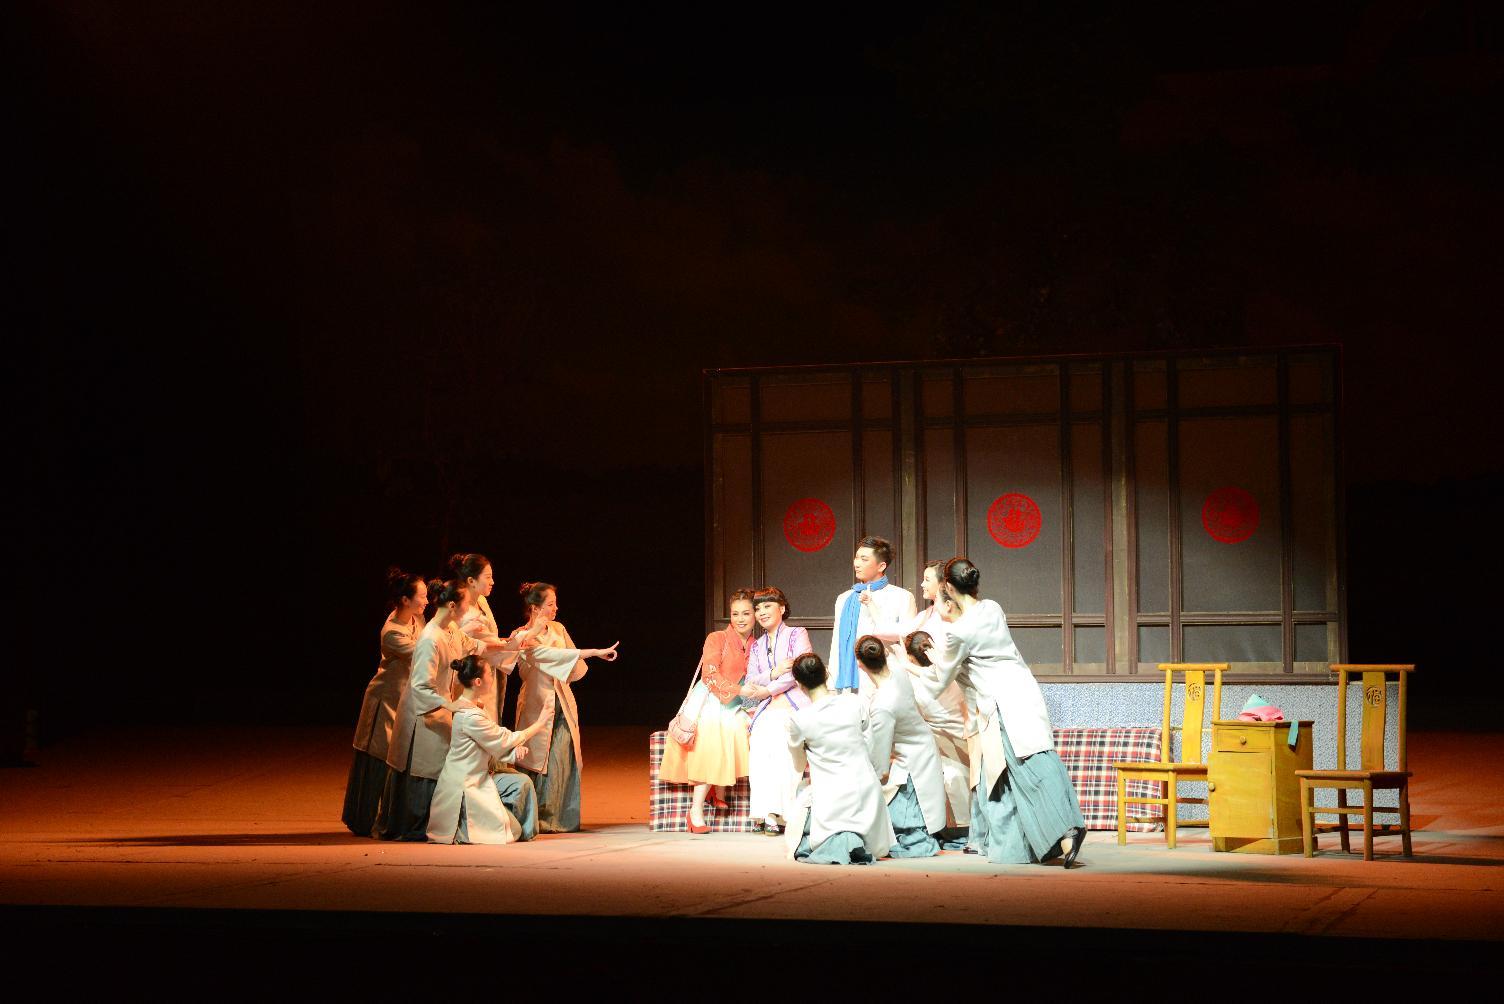 2016年1月28日大型现代豫剧《游子吟》在新星剧场演出